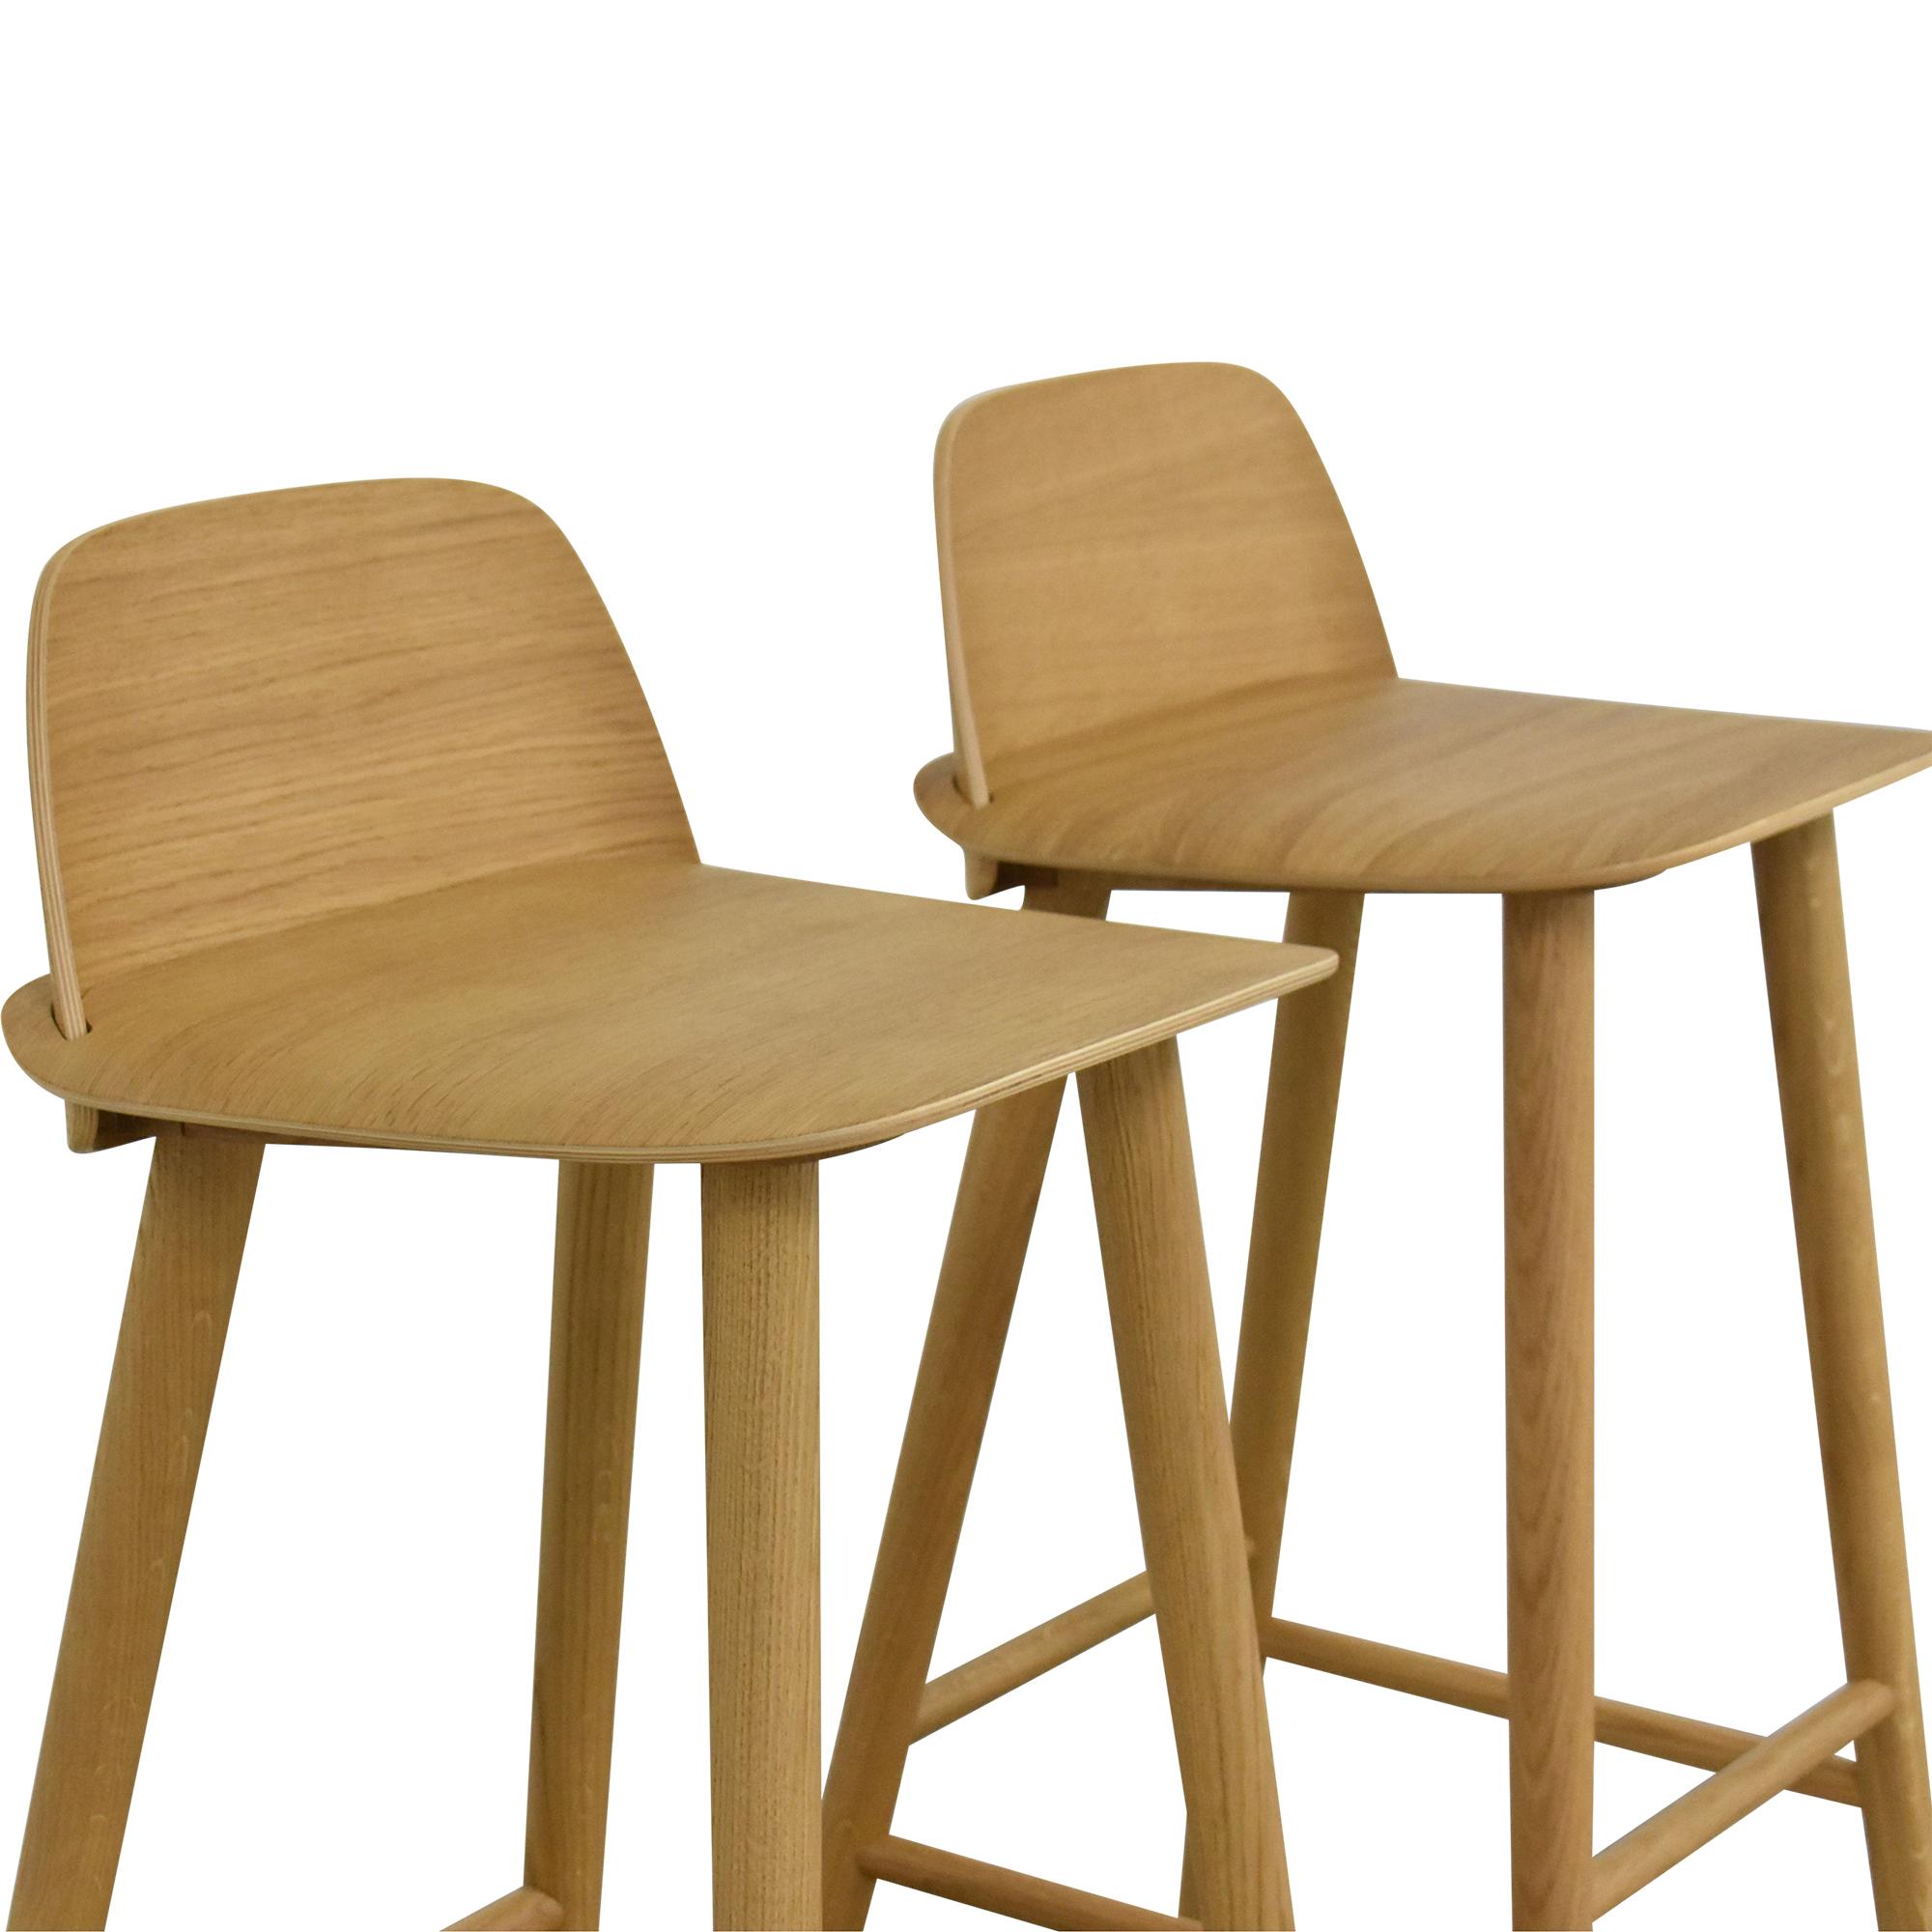 Muuto Nerd Bar Stools / Chairs